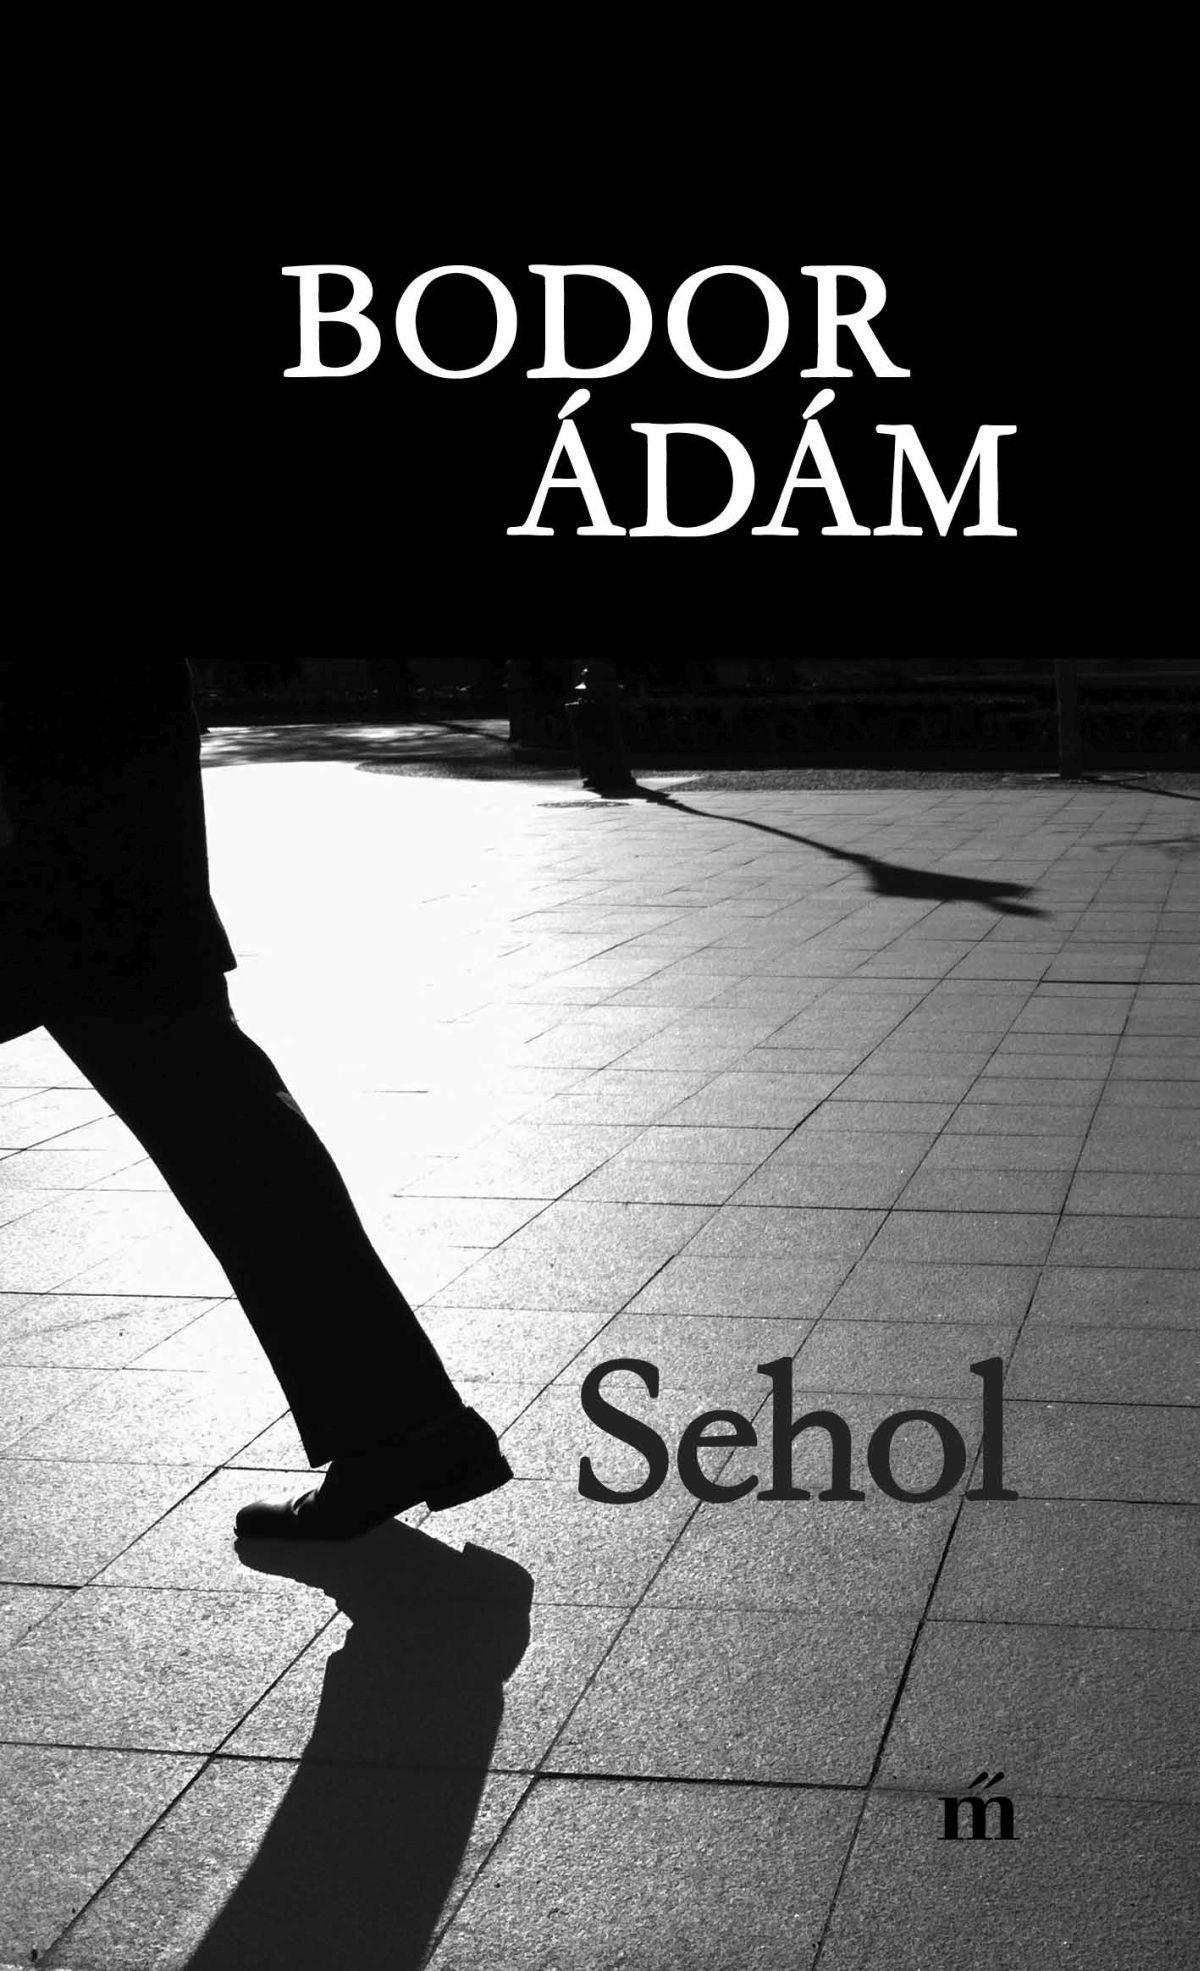 Bodor Ádám - Sehol